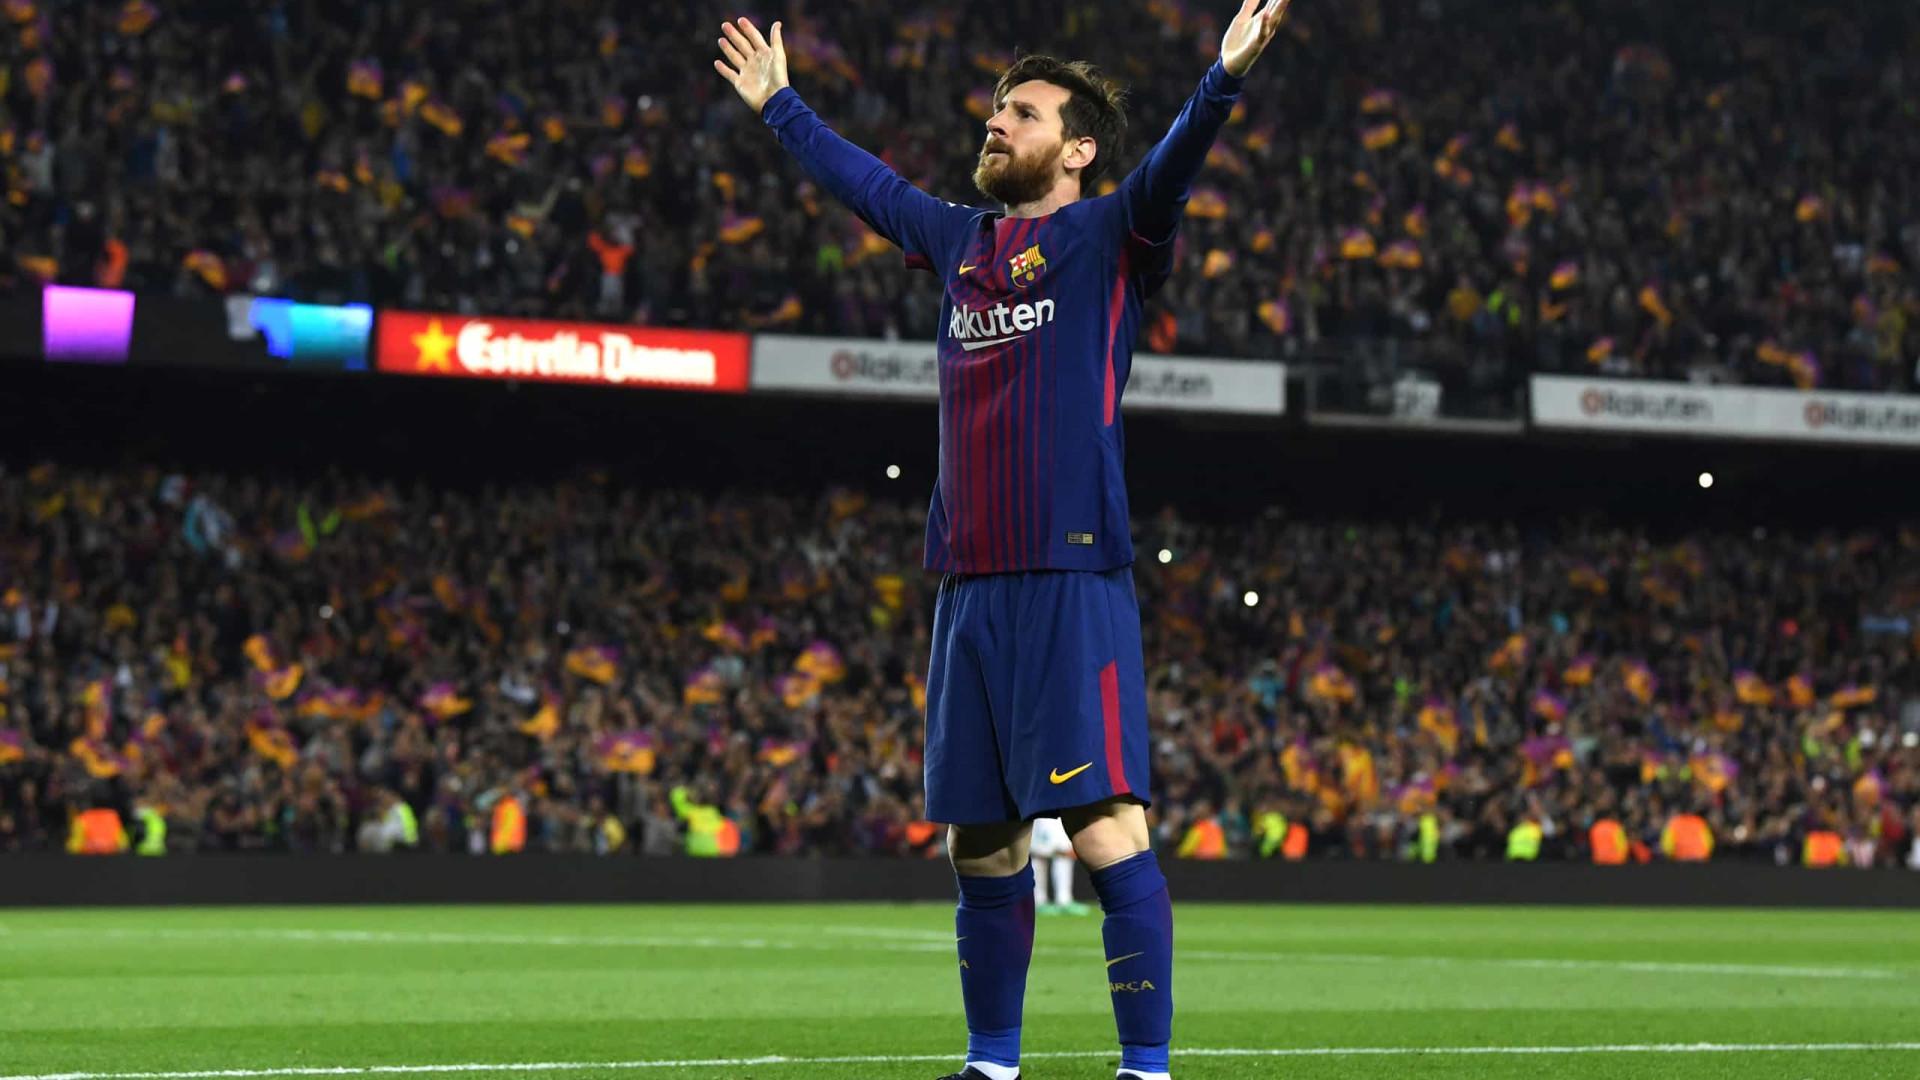 Messi fala em conciliação: 'Quero um ponto final. Devemos nos unir'